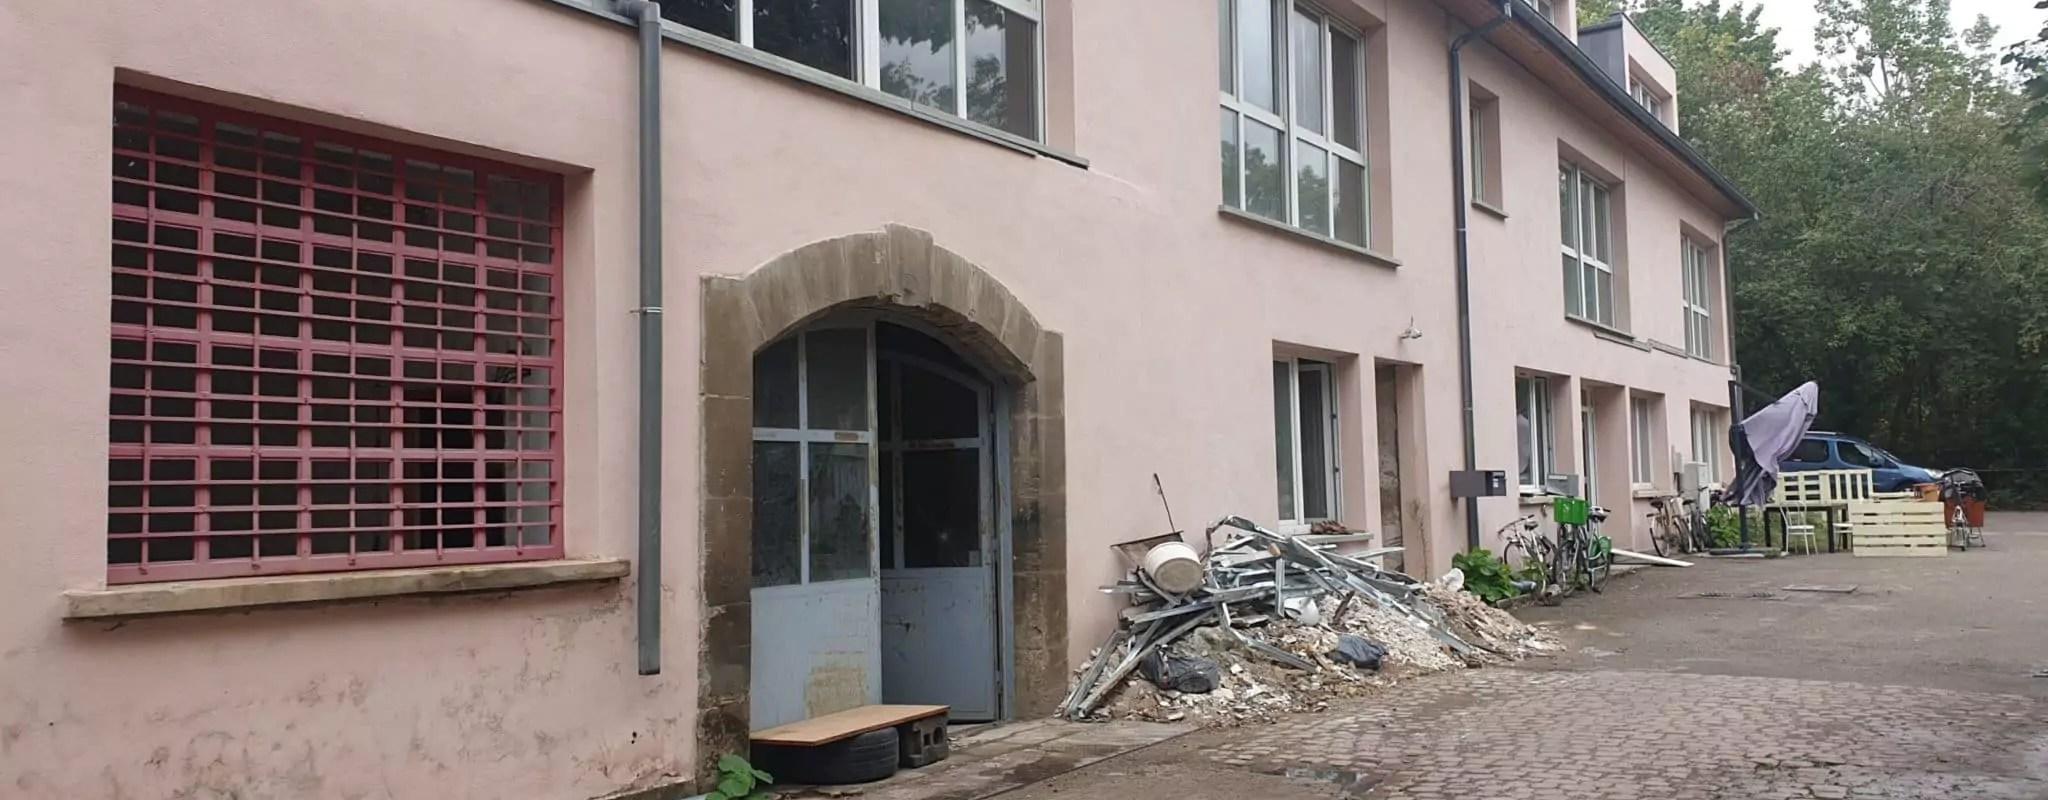 À Kœnigshoffen, une Maison rose de 3000 mètres carrés attend des bras et des porteurs de projet